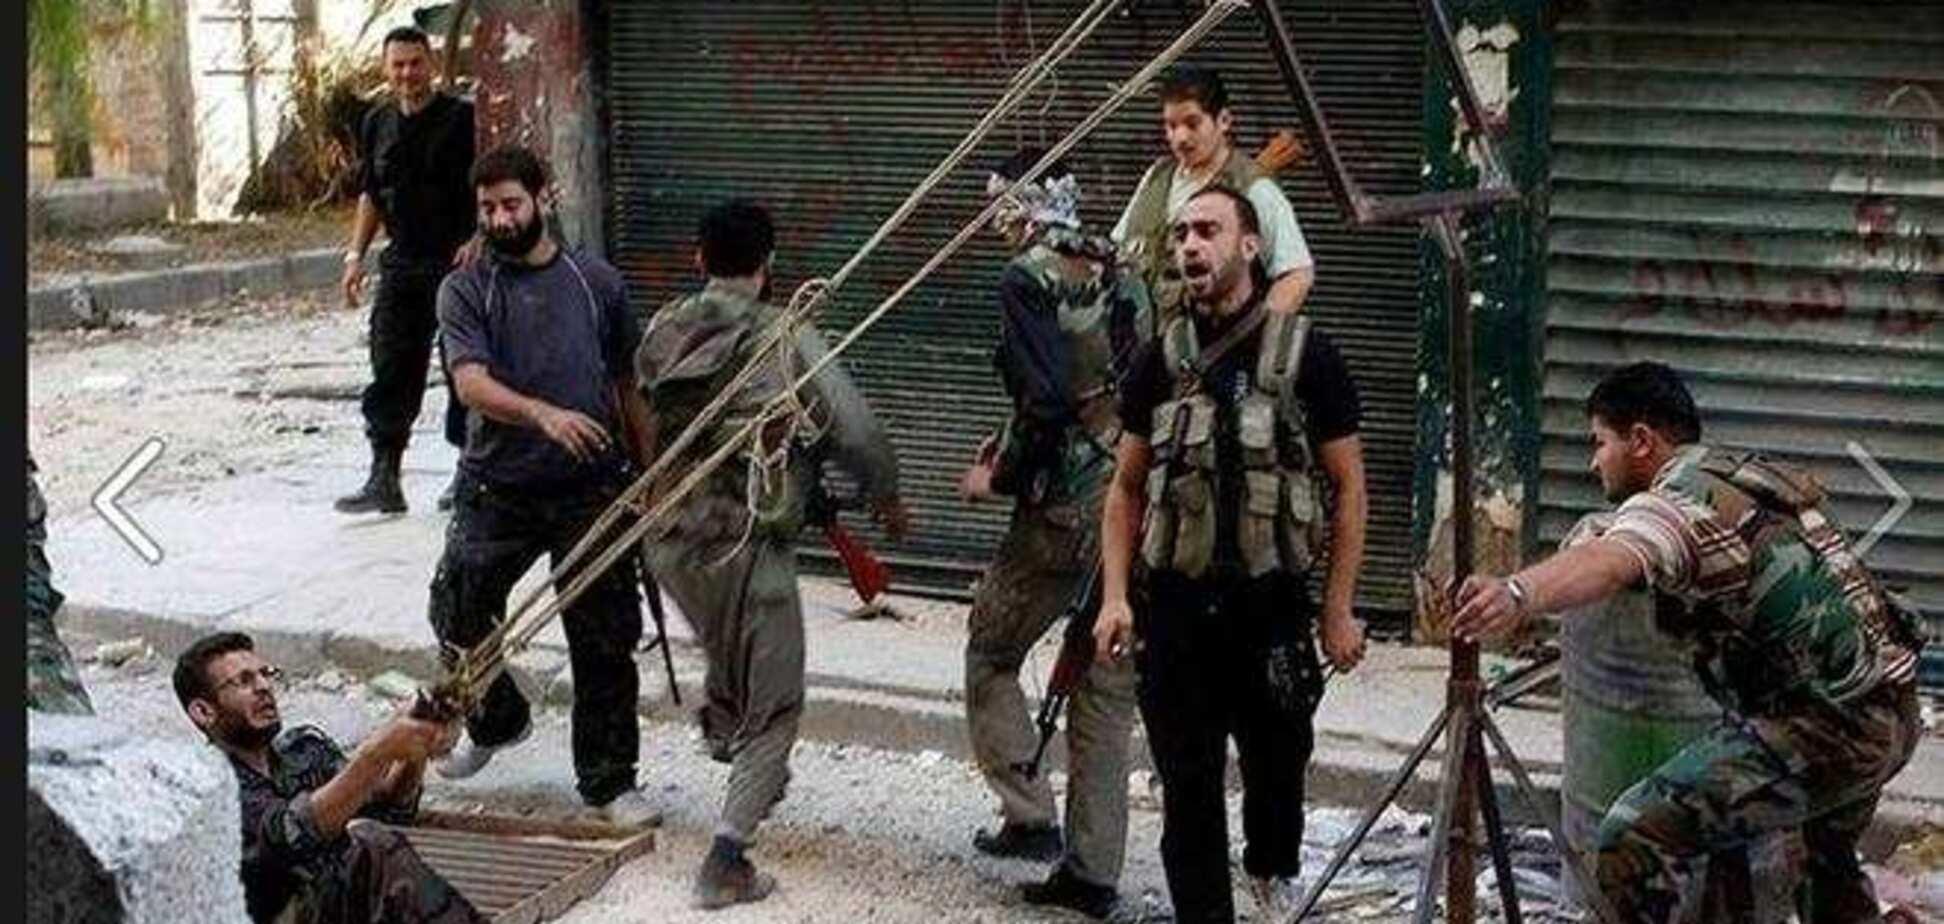 Мегарогатка: методи громадянської війни в Сирії проти спецназу України